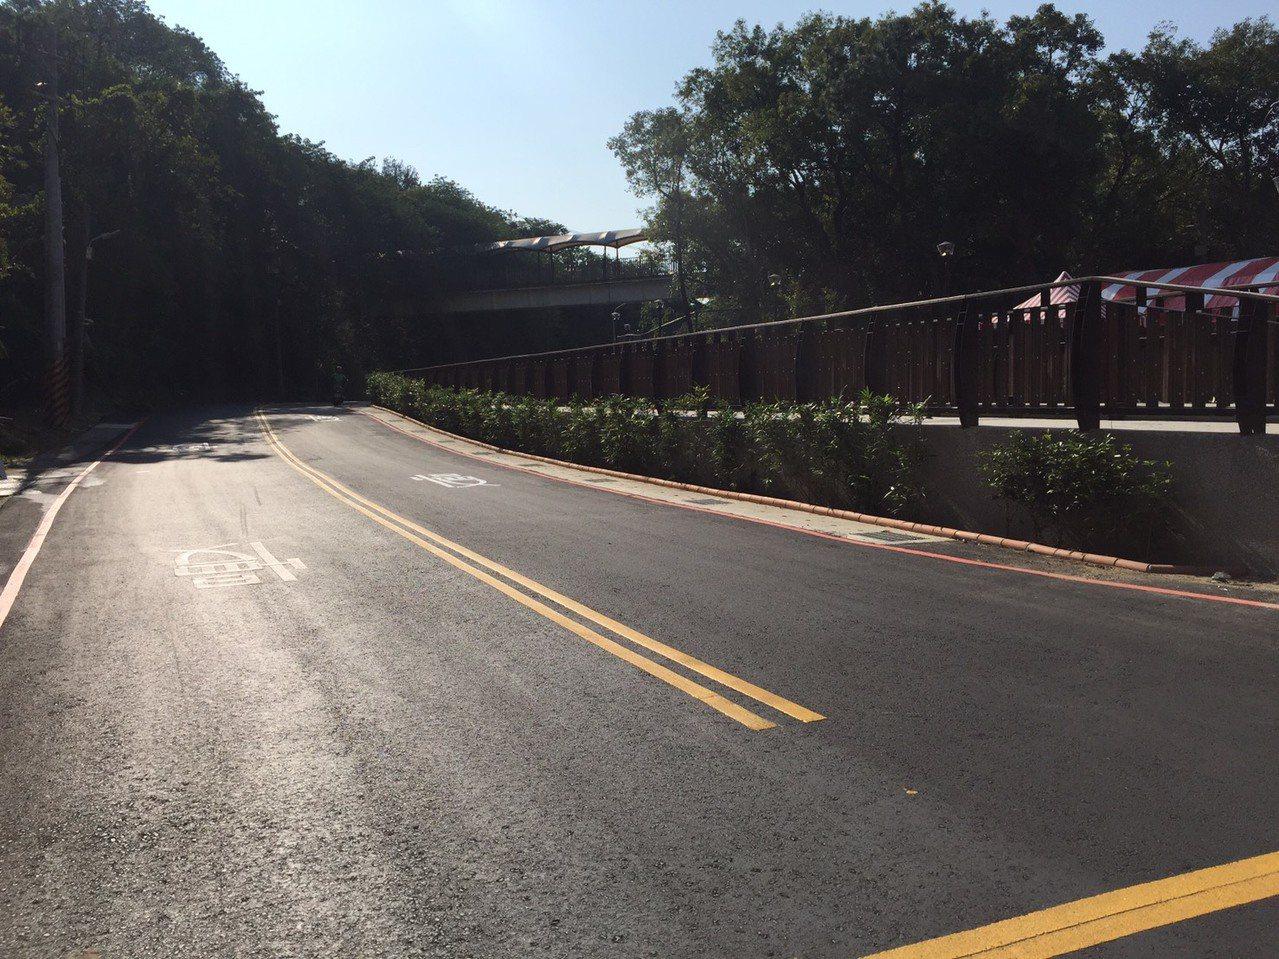 新竹市光復路一段525巷路幅從3.5公尺拓寬至7.5公尺。記者林家琛/攝影